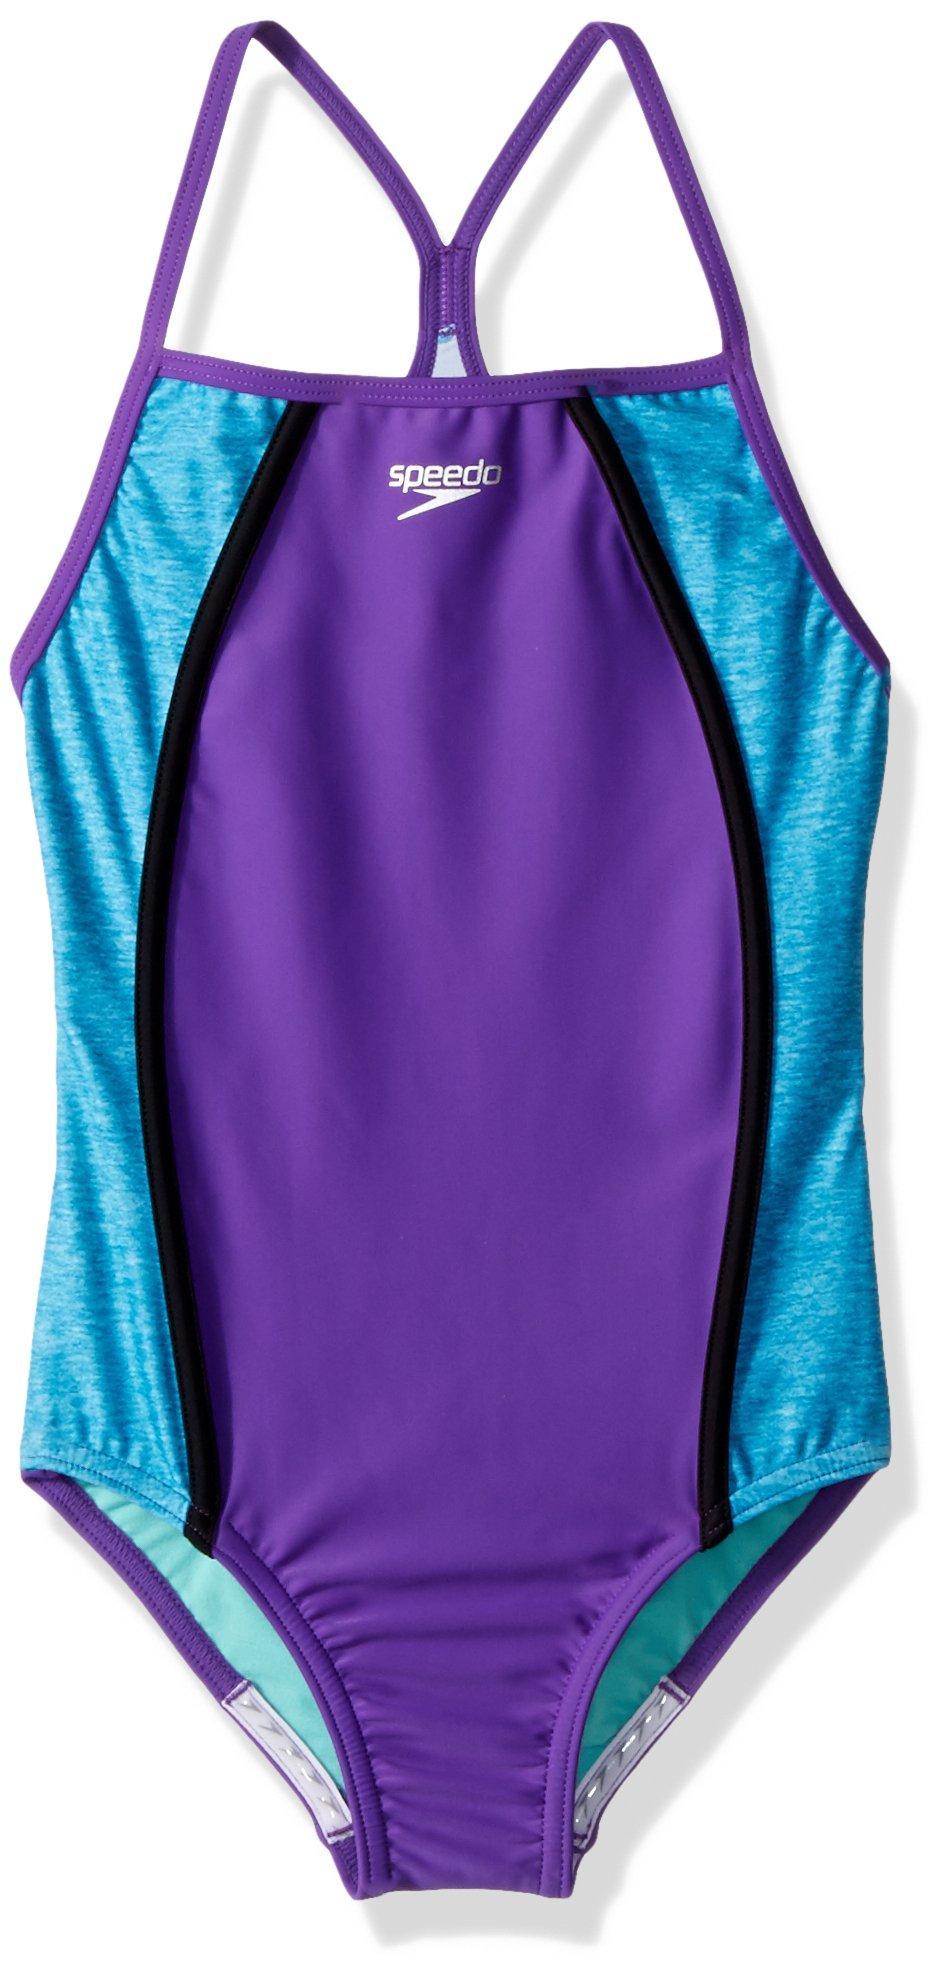 4c0a59f22cb20 Galleon - Speedo Girls Heather Thin Strap, Speedo Purple, Size 8